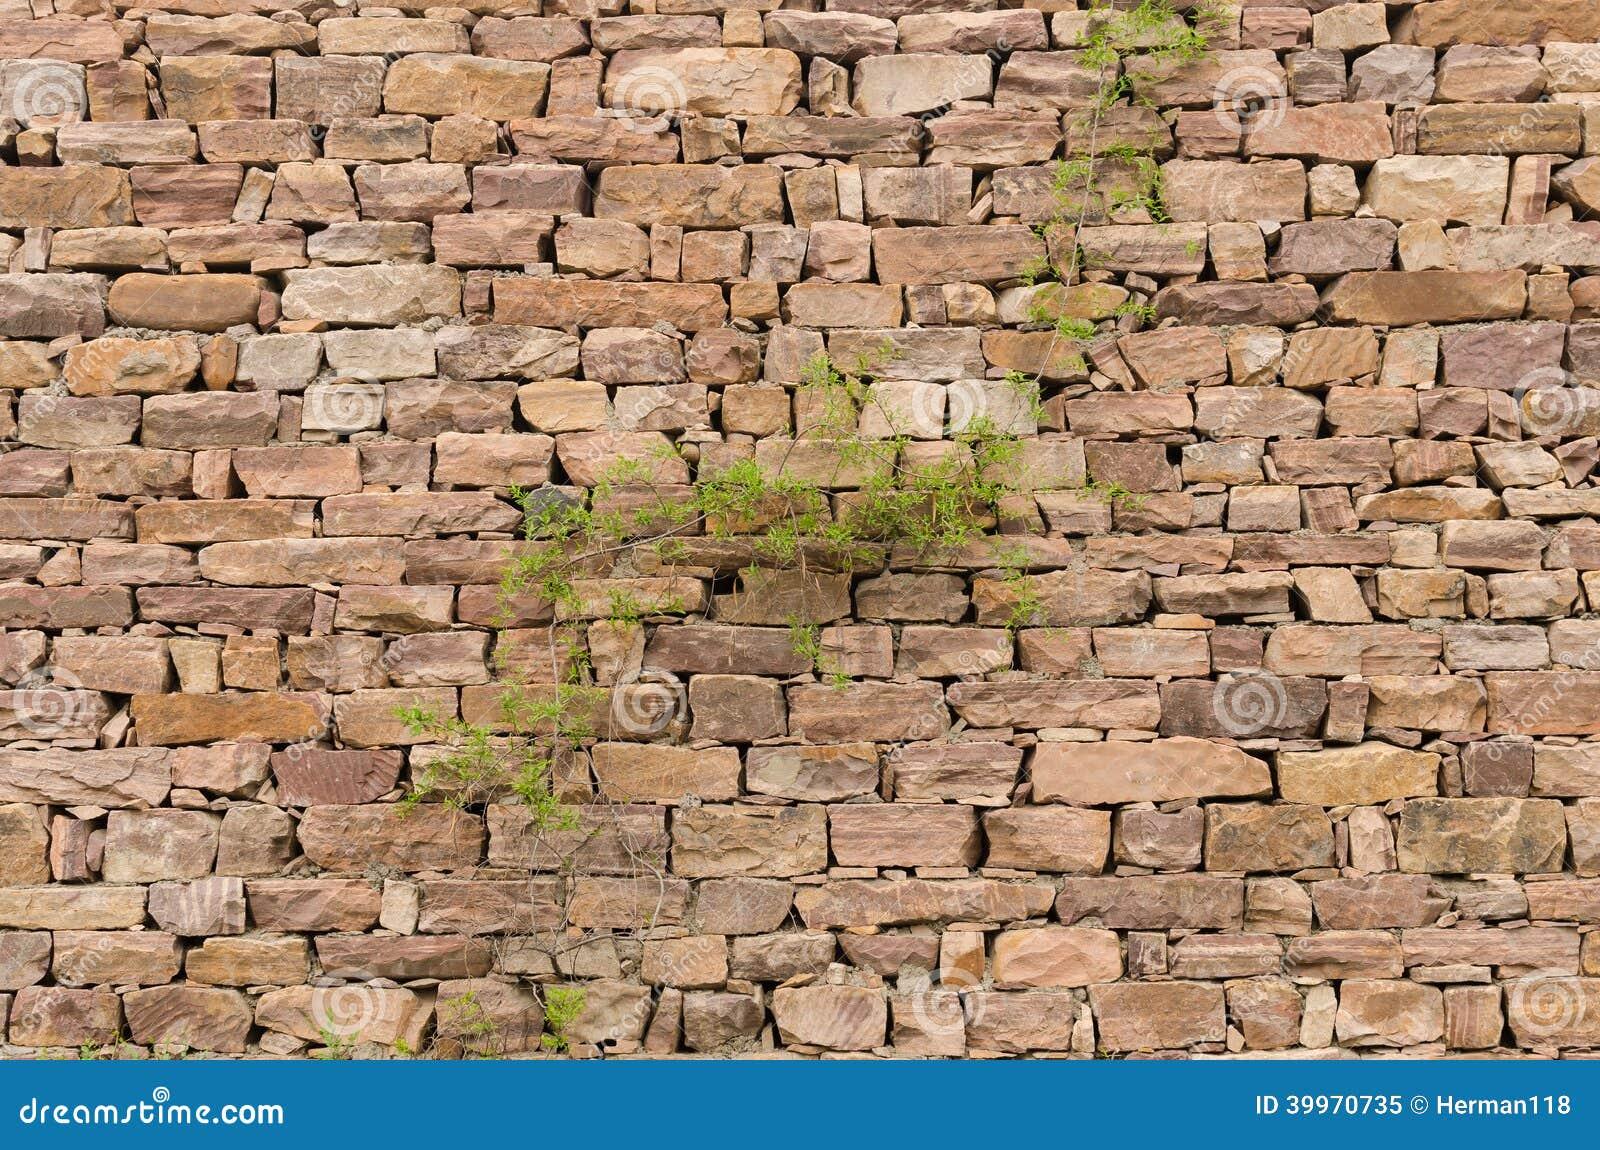 Paredes de piedra plantas foto de archivo imagen 39970735 for Papel para pared imitacion piedra